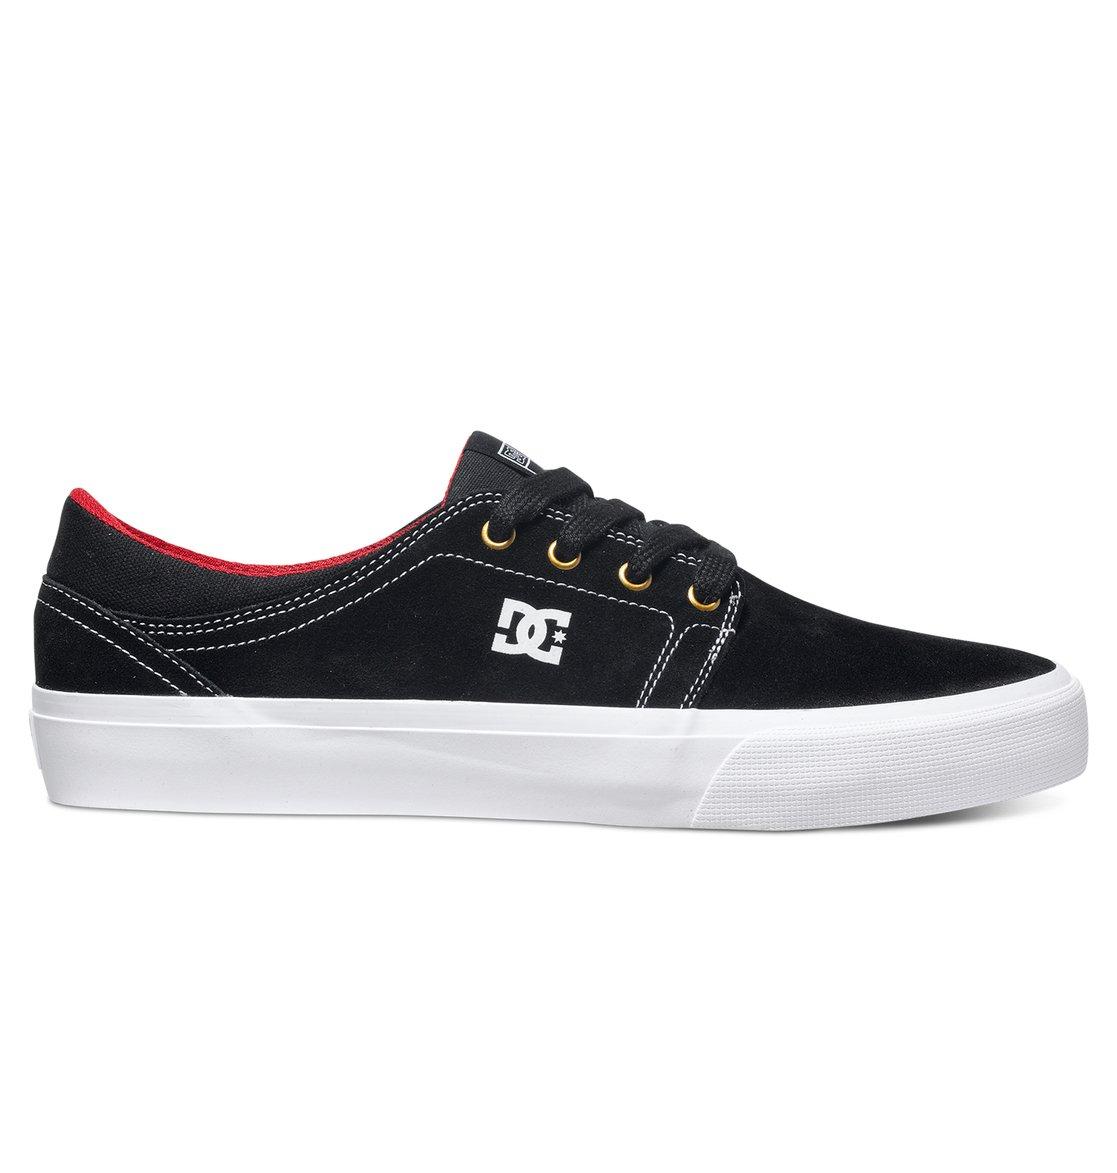 Здесь можно купить   Trase S - Low-Top Shoes Новые поступления